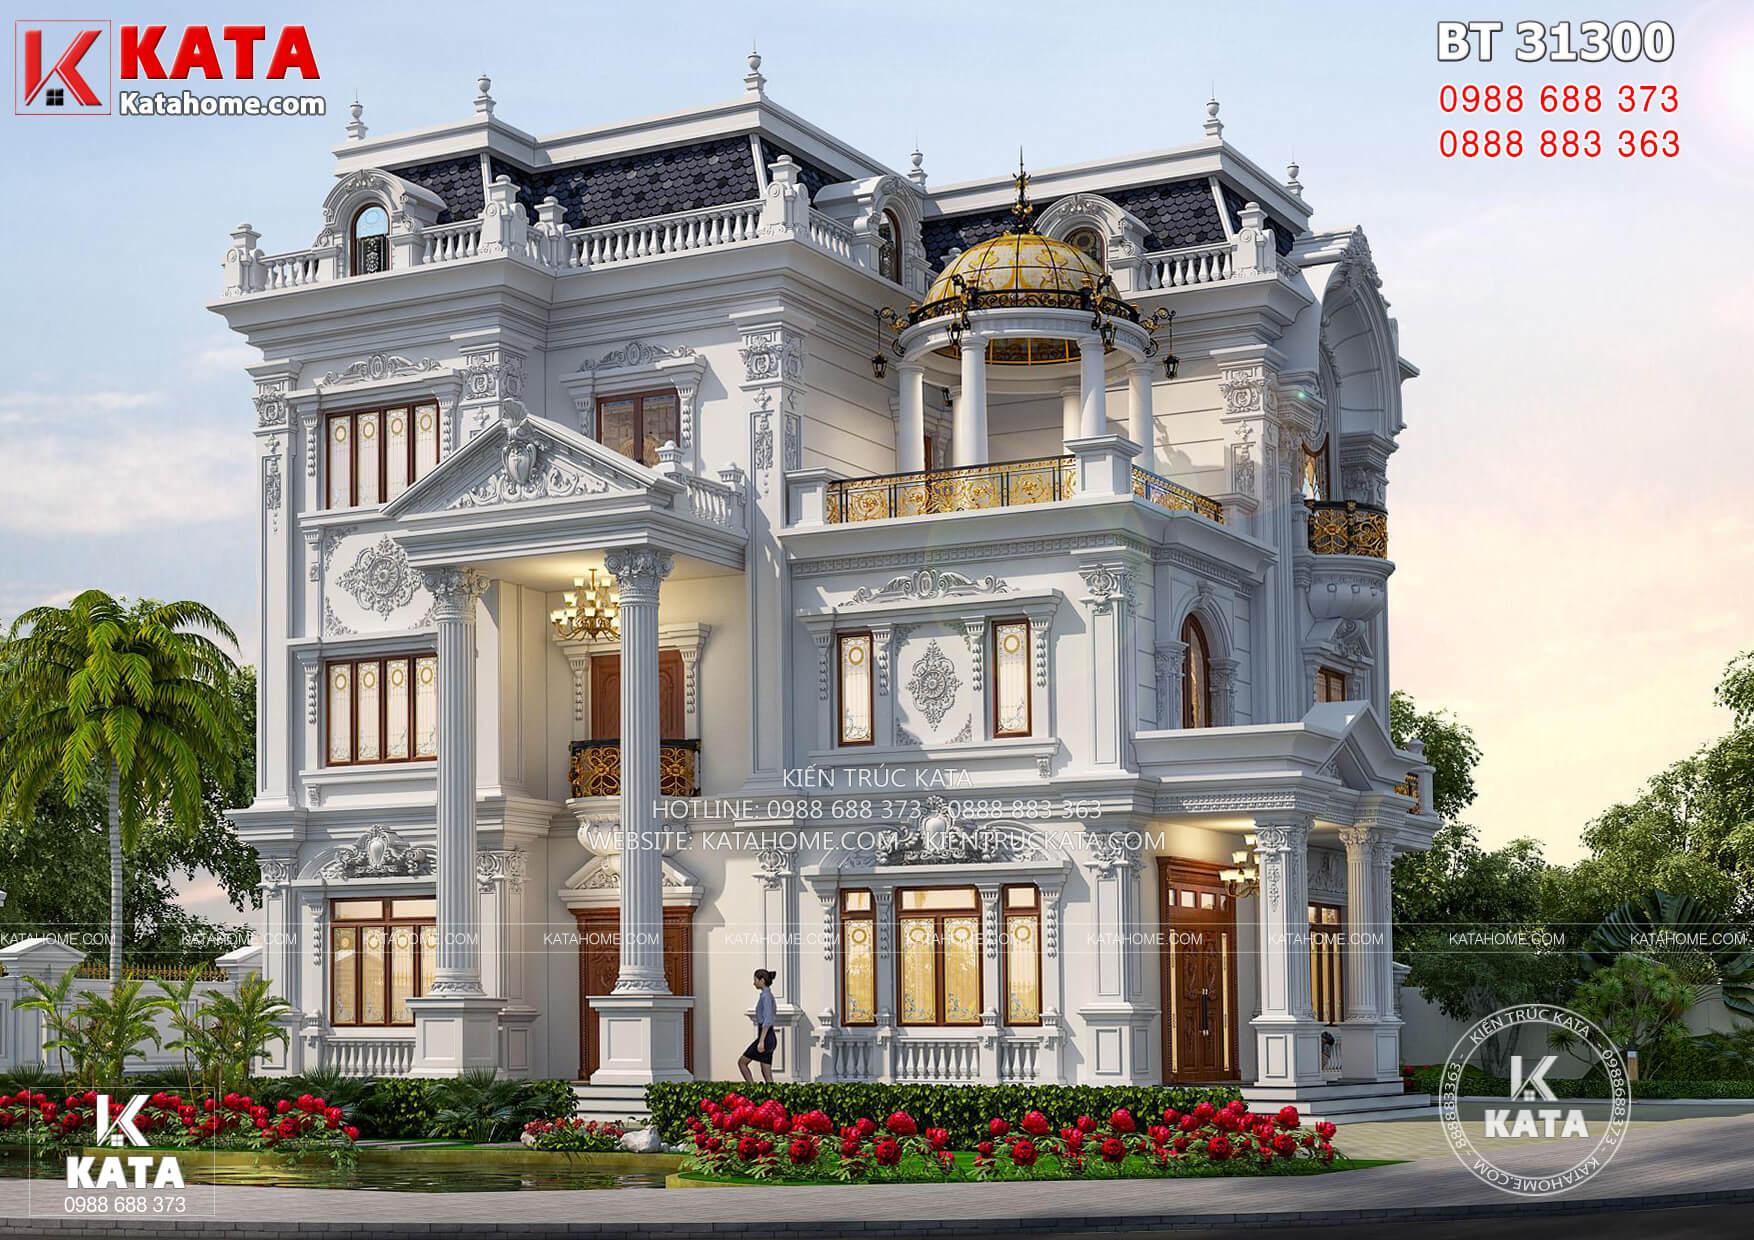 Không gian ngoại thất mẫu biệt thự tân cổ điển 3 tầng đẹp tại Vĩnh Long